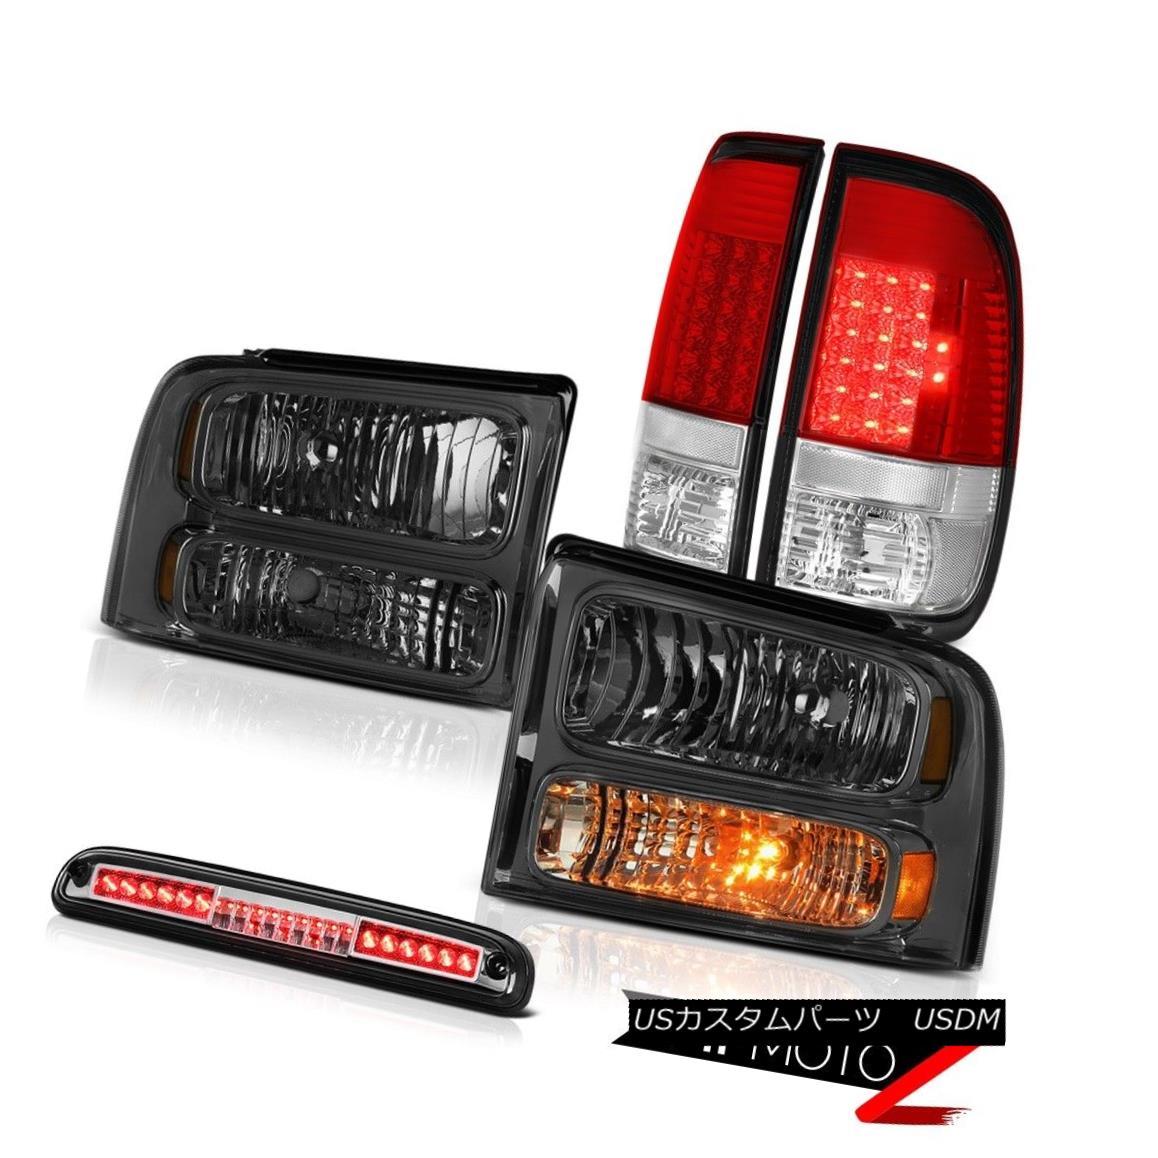 テールライト 2005 2006 2007 F350 SD XLT Pair Smoke Headlamps LED Taillamps Chrome Roof Brake 2005年2006年2007年F350 SD XLTペアスモークヘッドランプLEDタイルランプクローム屋根ブレーキ